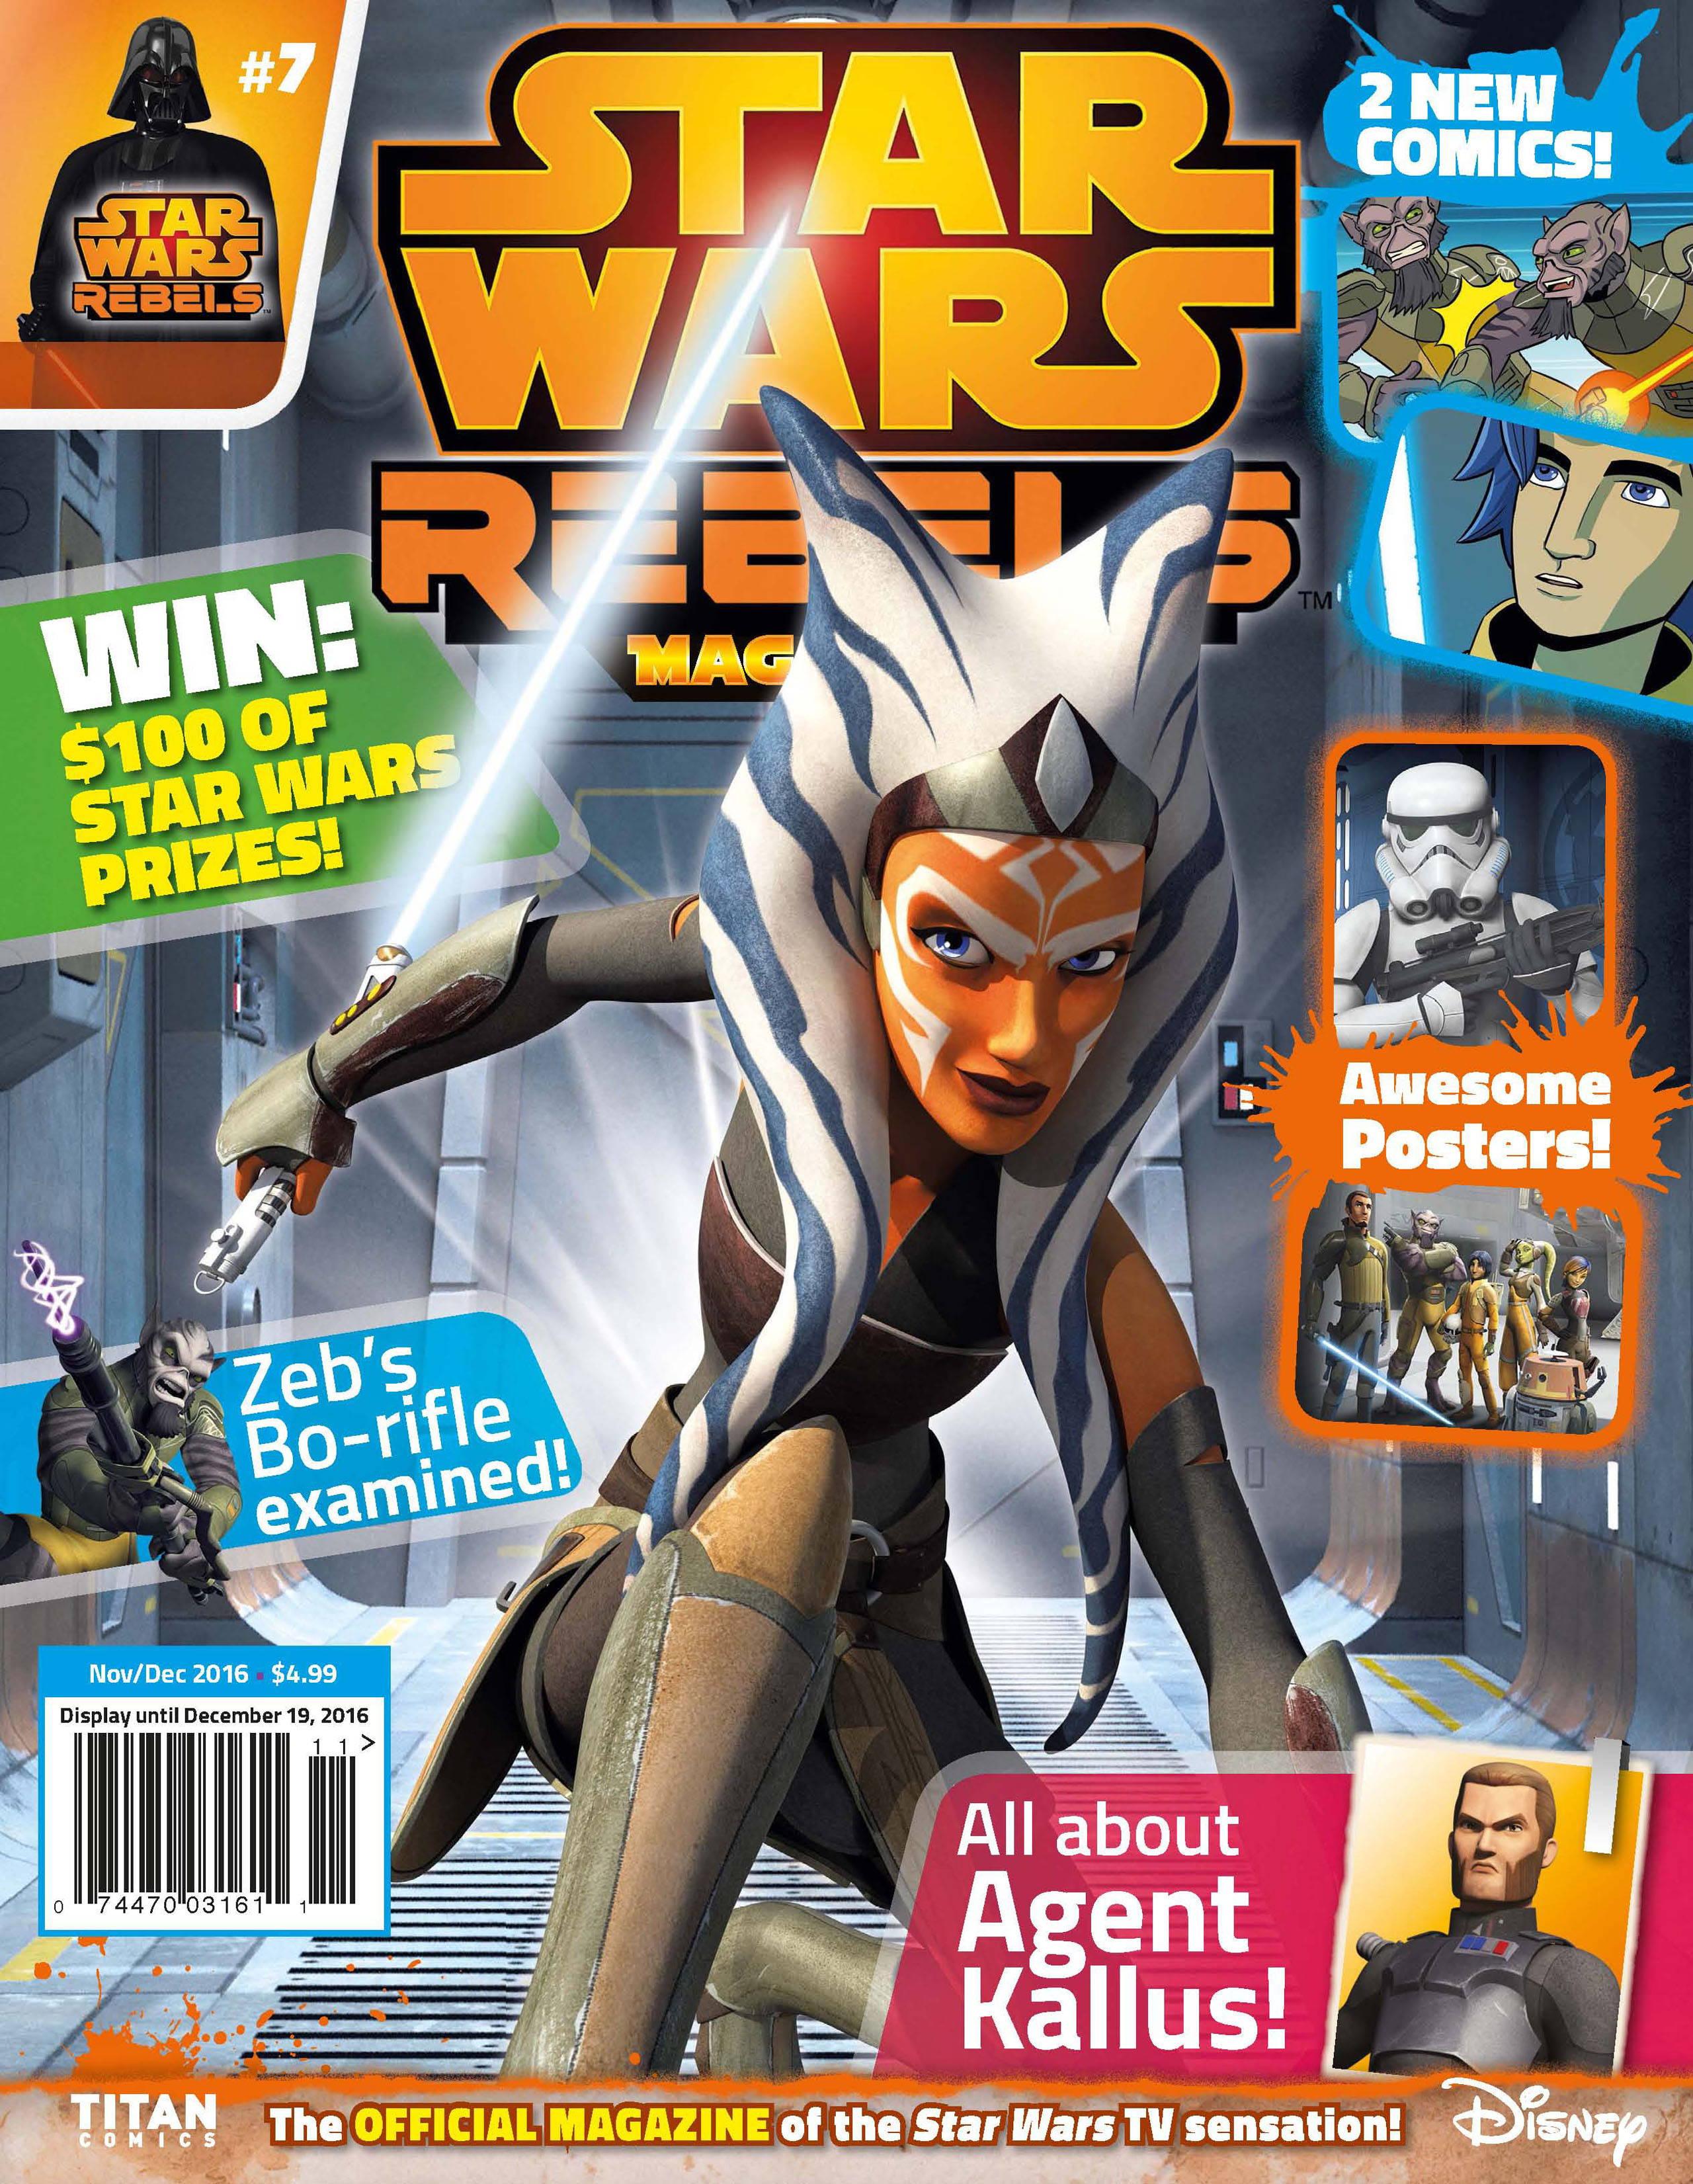 Star Wars Rebels Magazine 7 Read Star Wars Rebels Magazine Issue